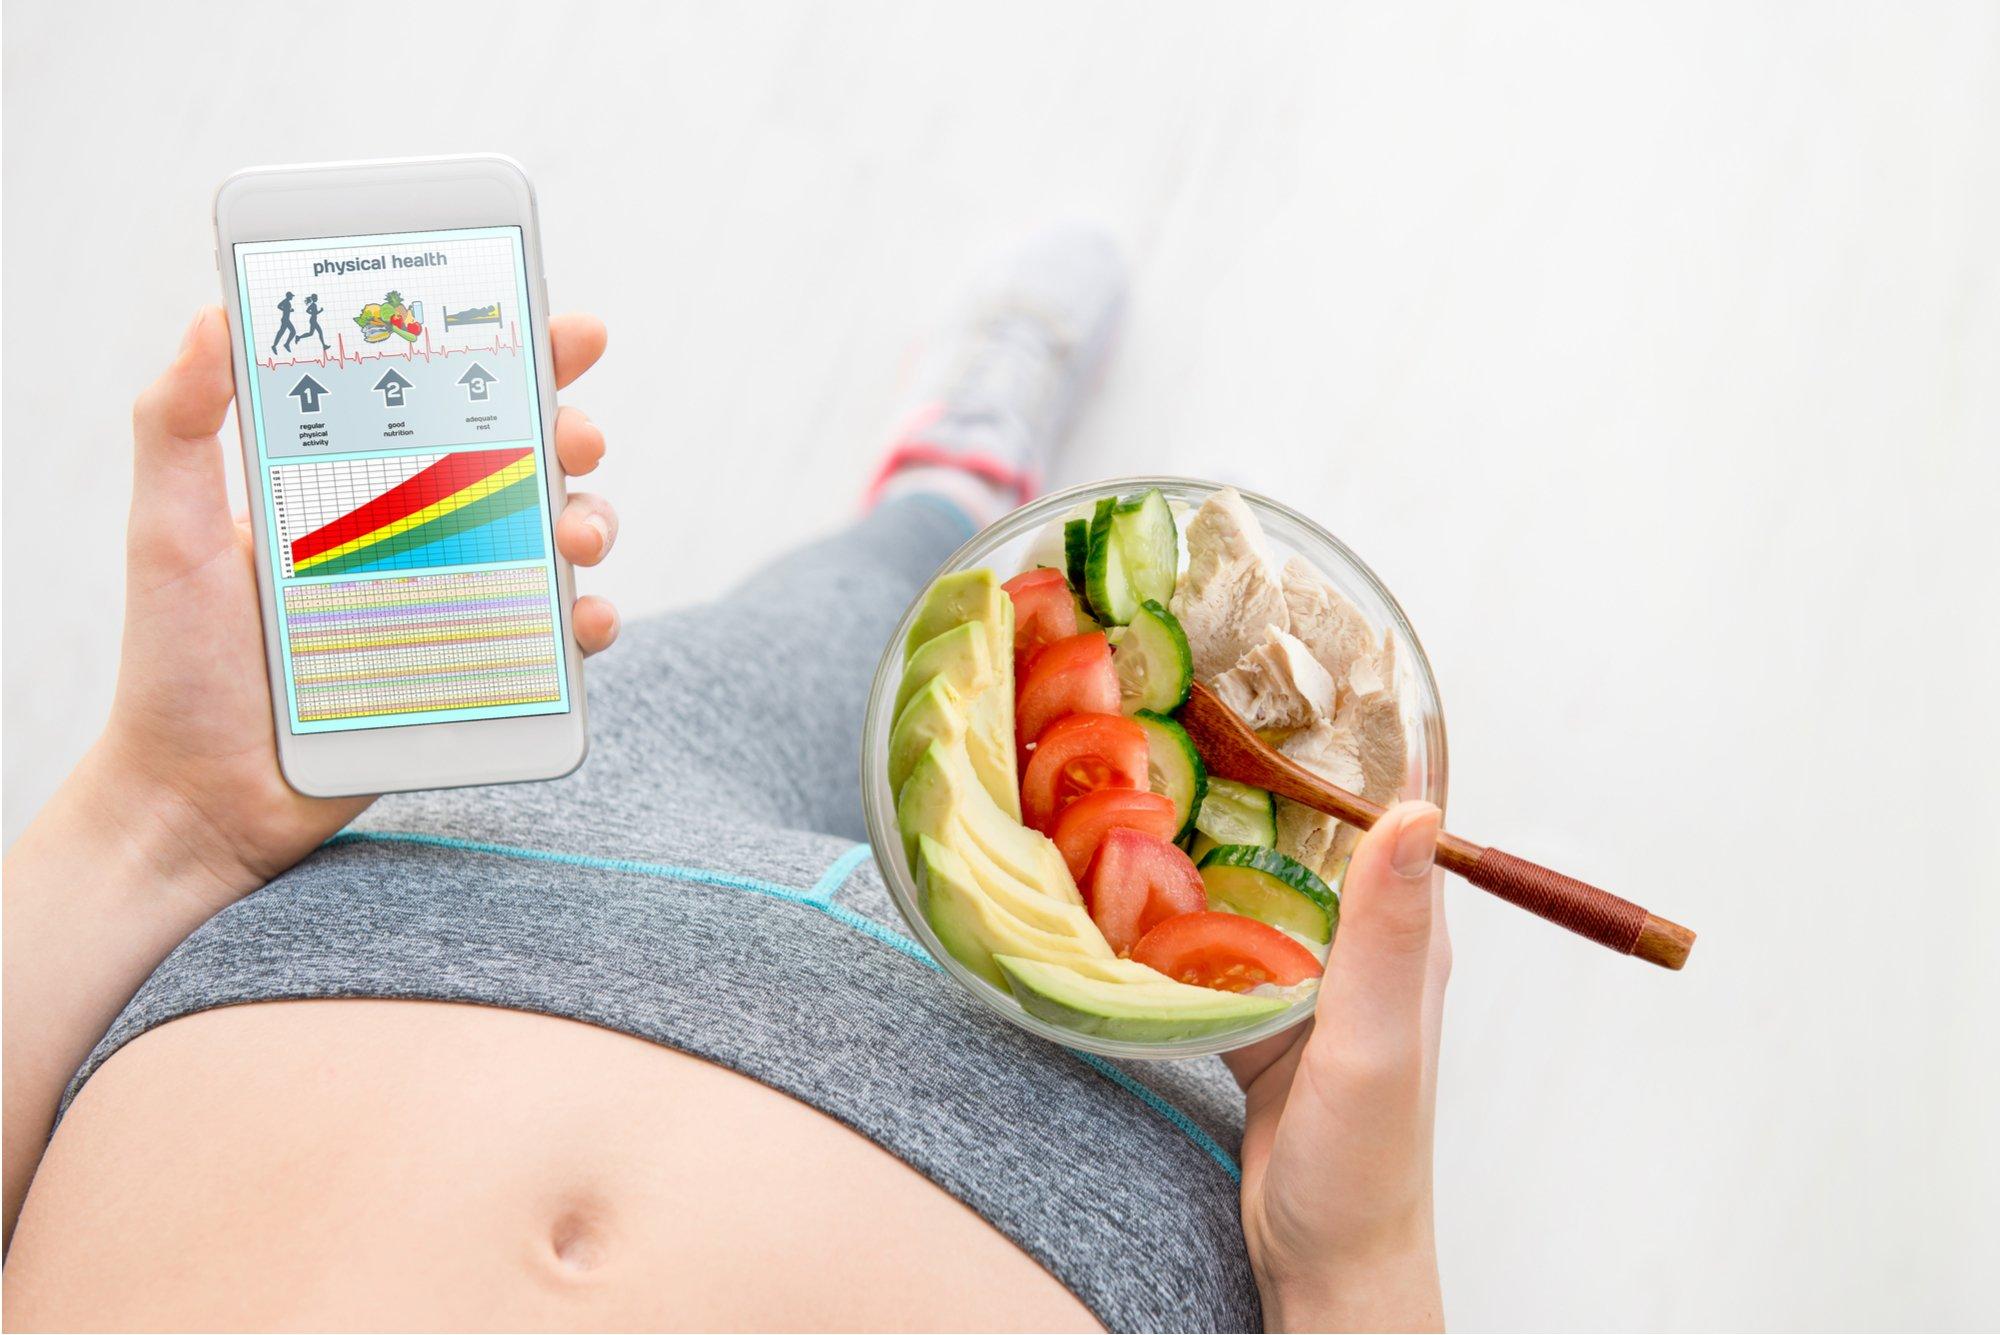 Топ 7 бесплатных приложений для правильного питания и подсчета калорий